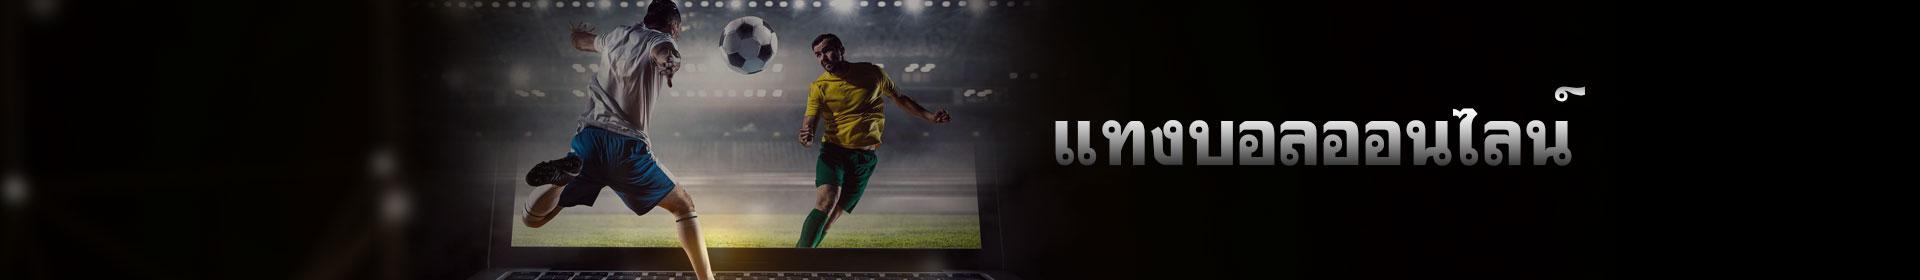 แทงบอลออนไลน์ - Sport Betting LuckyNiki